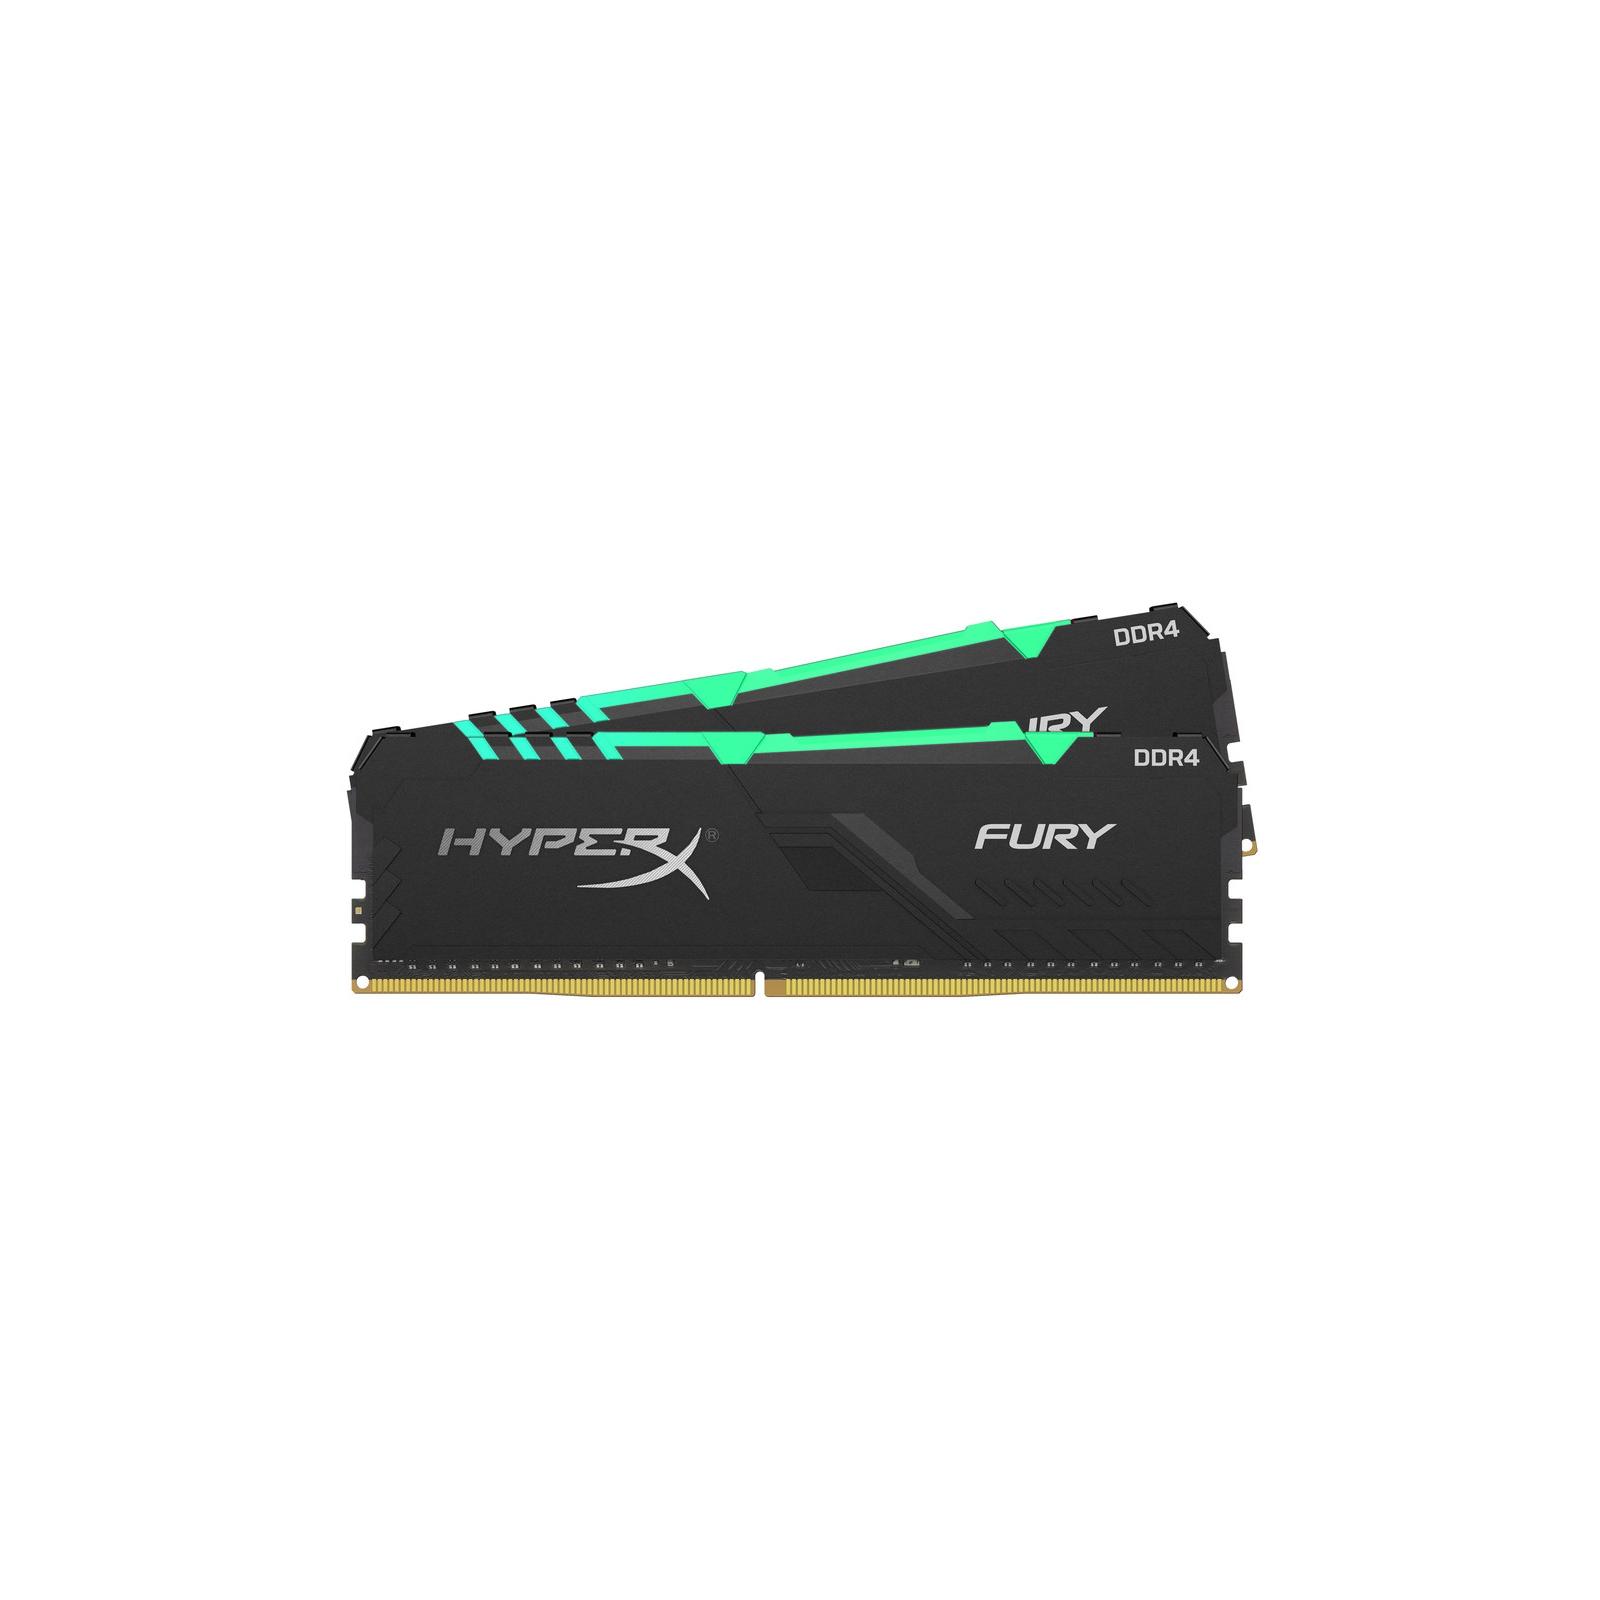 Модуль памяти для компьютера DDR4 16GB (2x8GB) 2400 MHz HyperX Fury RGB HyperX (Kingston Fury) (HX424C15FB3AK2/16) изображение 2